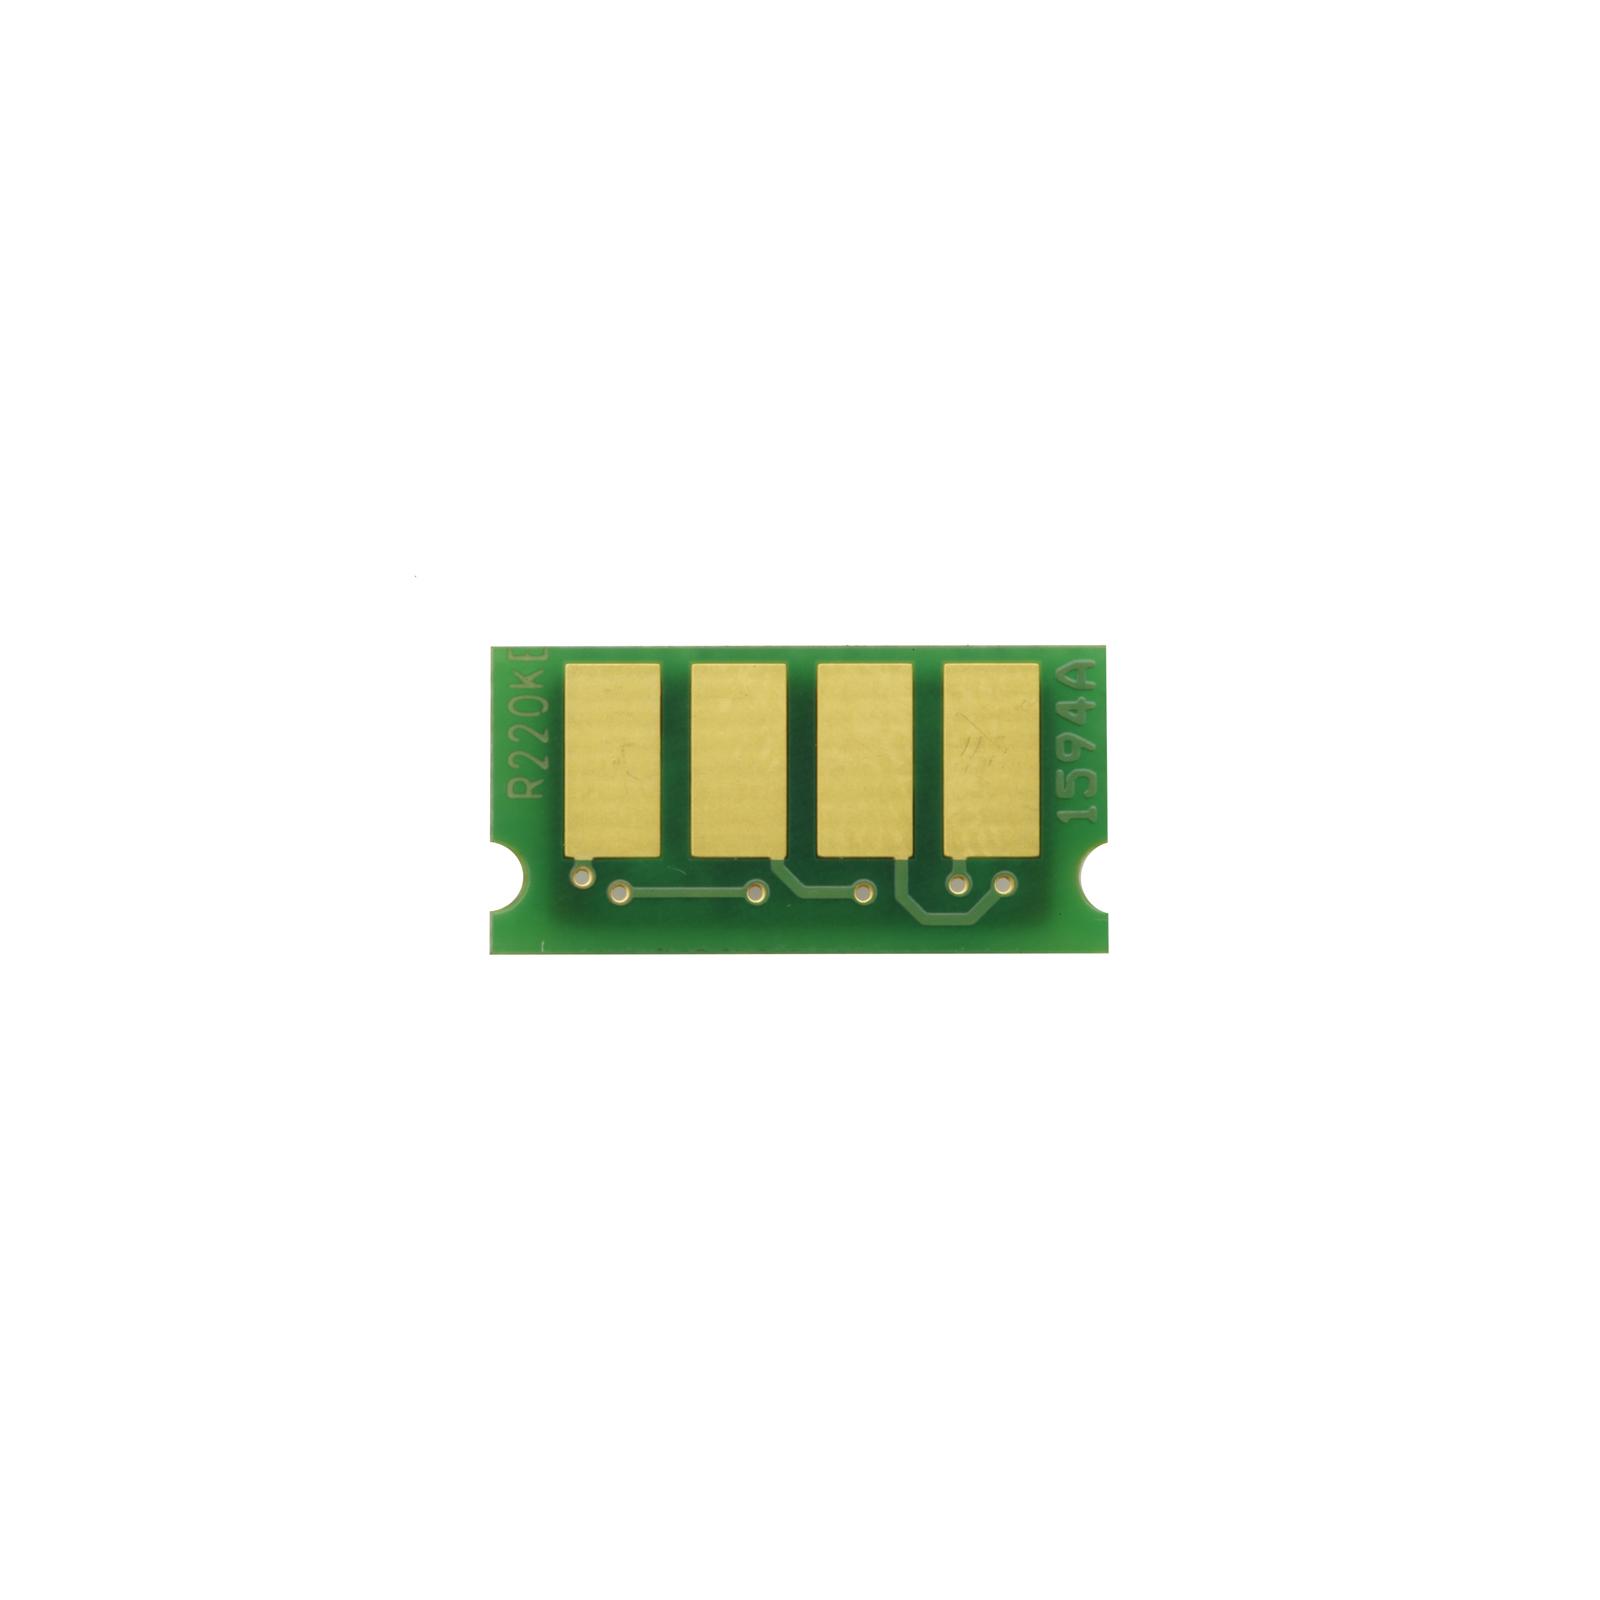 Чип для картриджа Ricoh Aficio SP C220 (406052) 2k black Static Control (RC220CP-KEU)